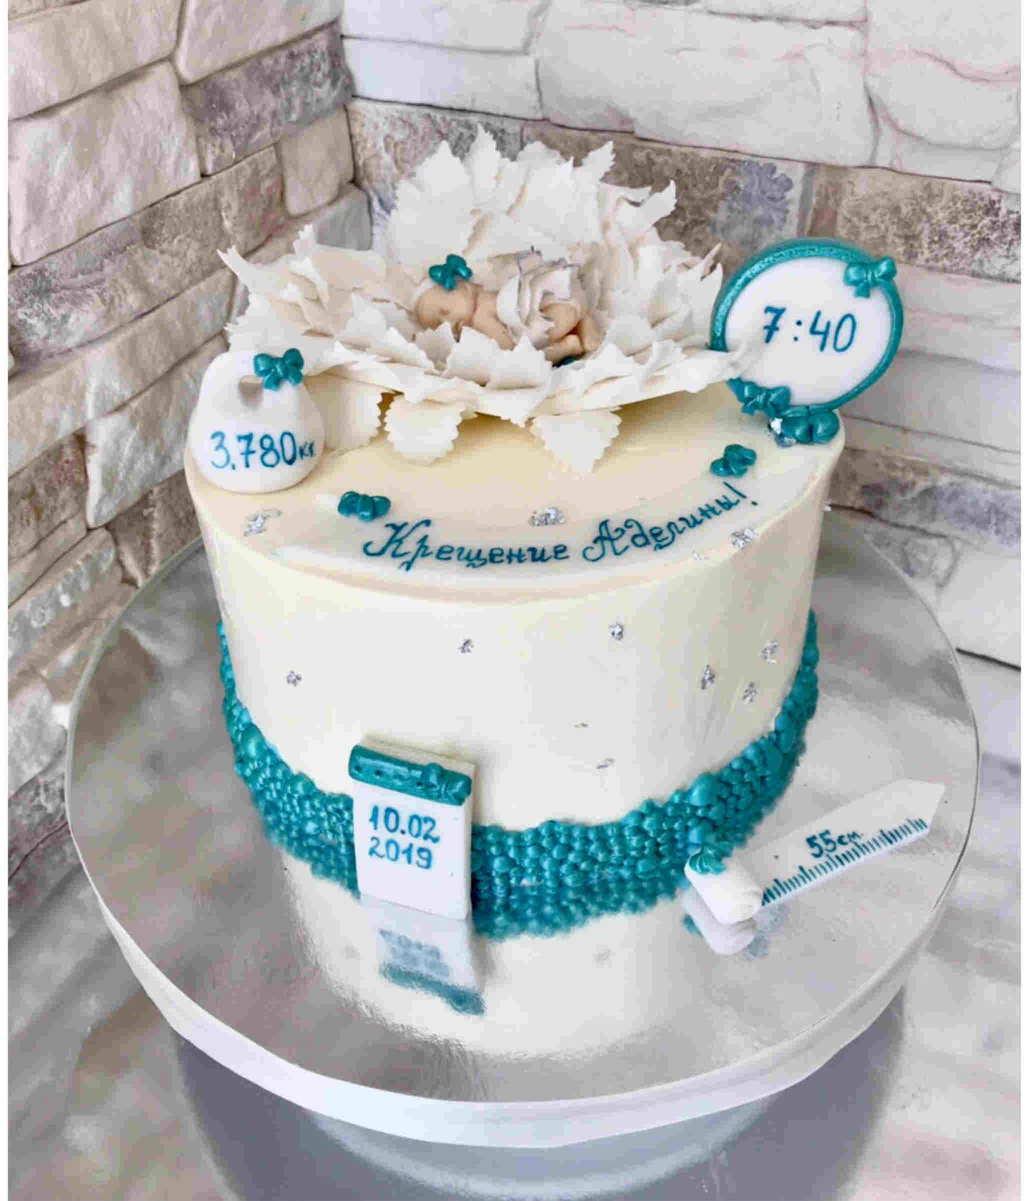 bd493f520790be Торти на хрестини Дитячі торти для дівчаток і хлопчиків Торти на ...